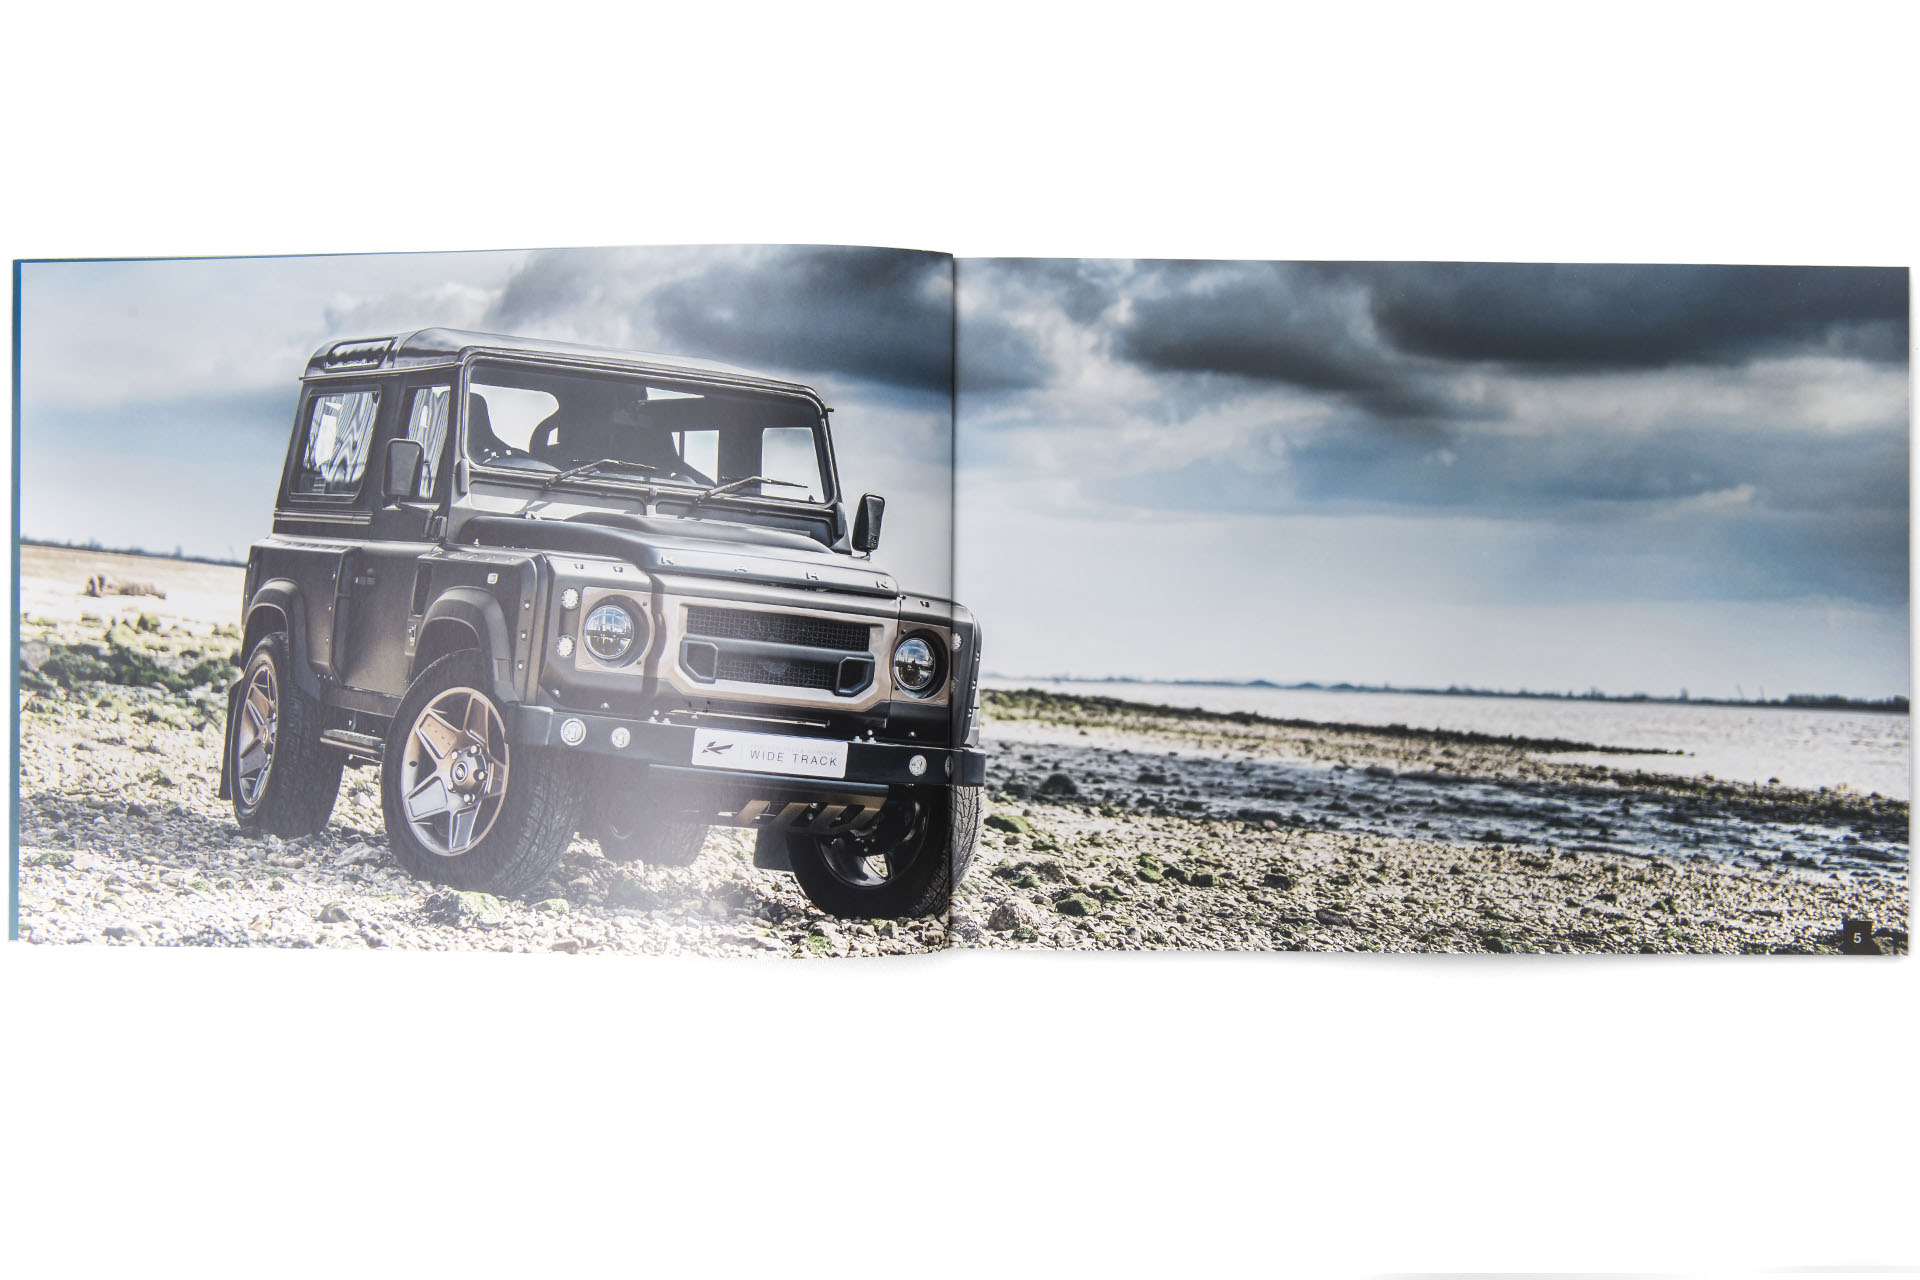 Chelsea Truck Co Brochure - Defender